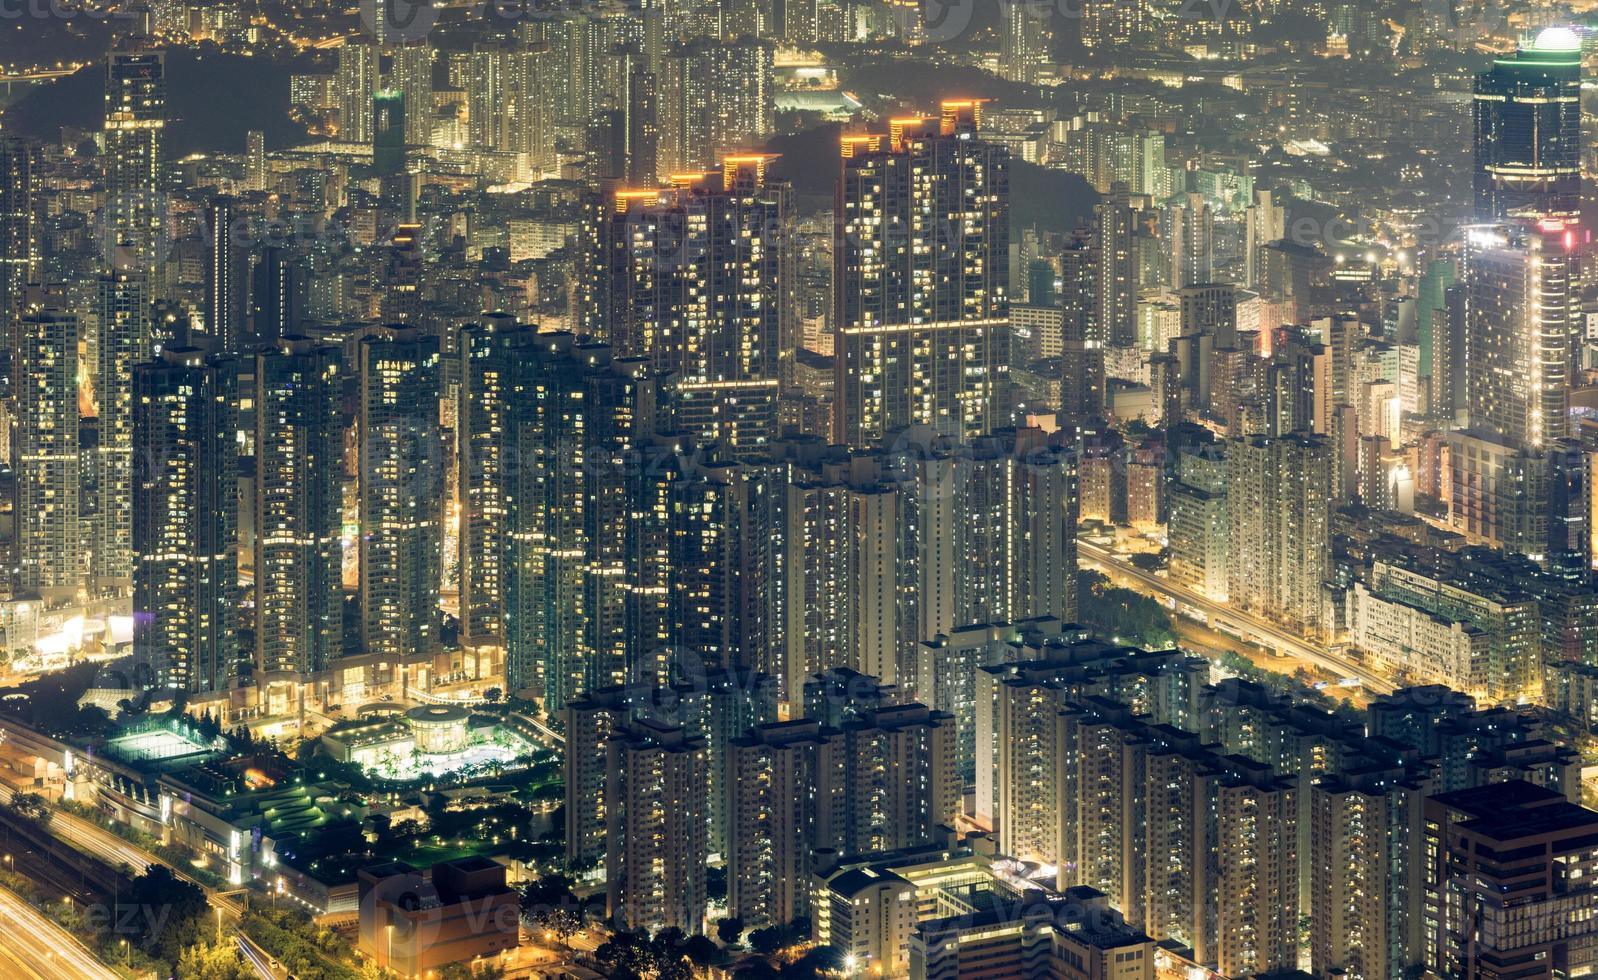 área de residencia de hong kong foto